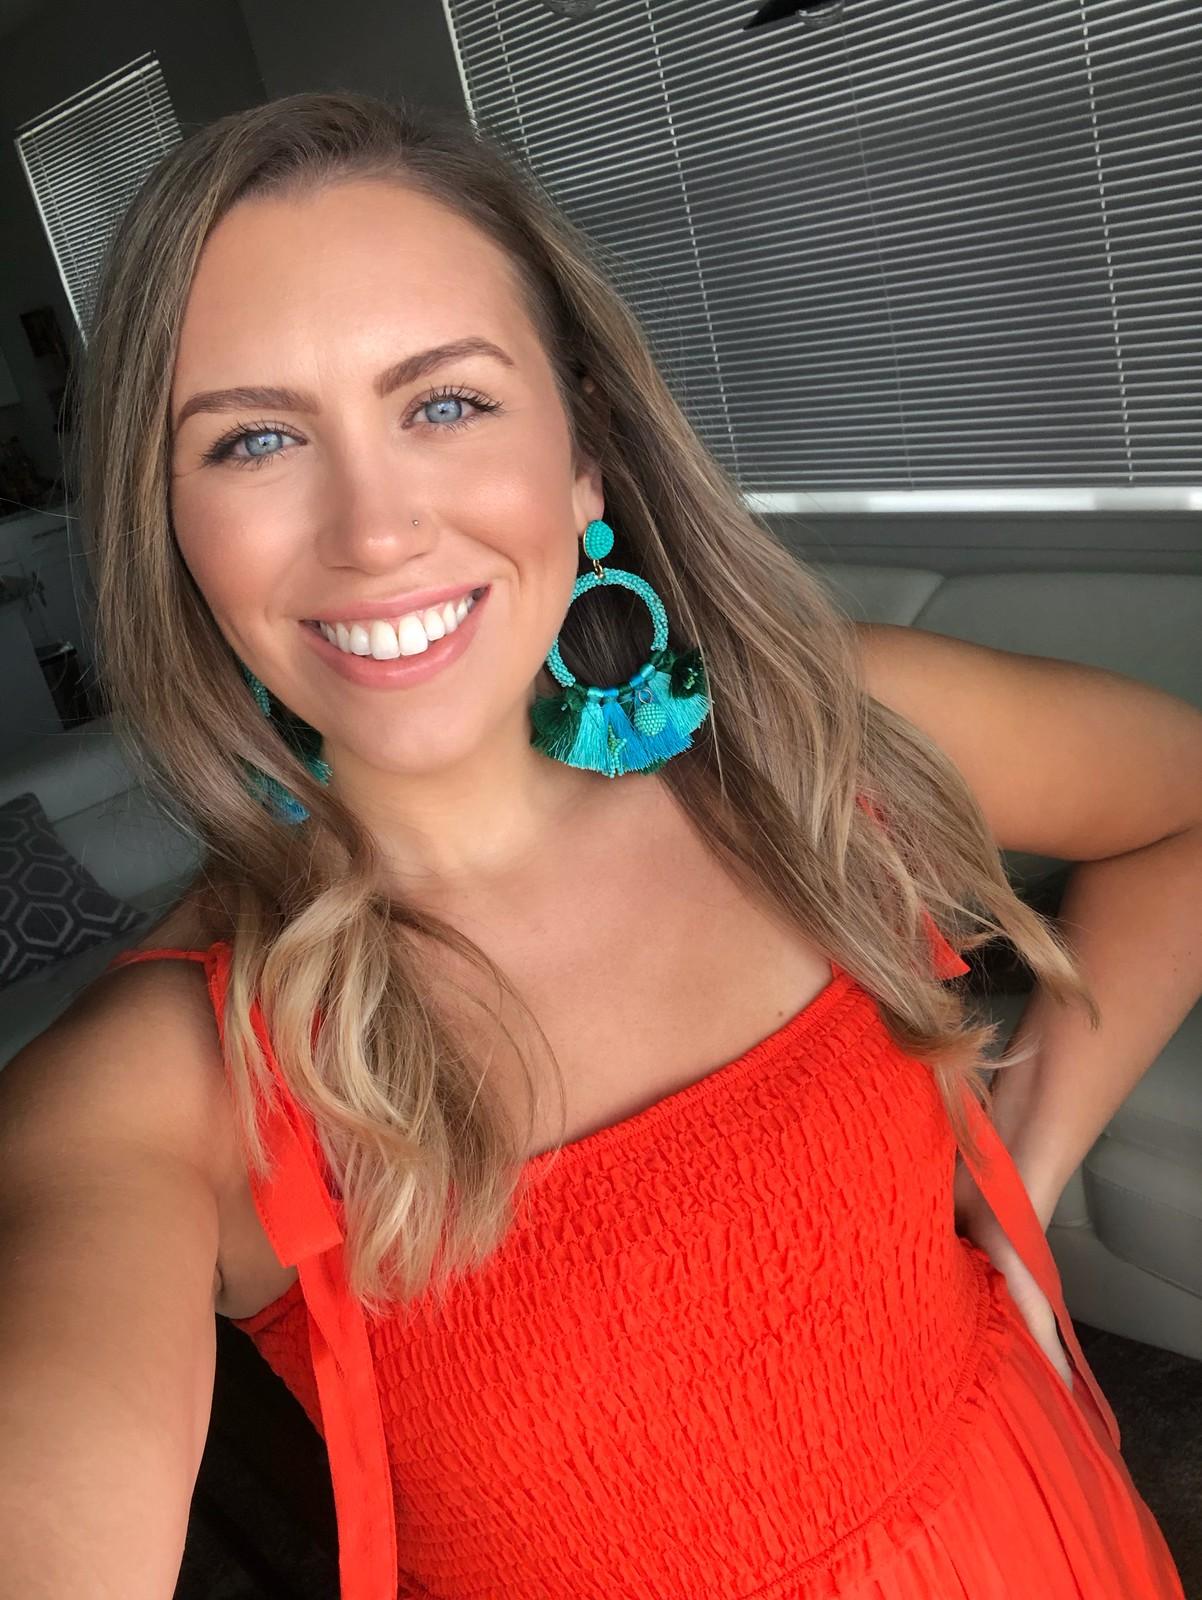 Everyday Makeup Jackie Giardina | Amazon Fan Tassel Earrings Beaded Fringe Earrings Hoop Tassel Earrings Fringe For Women Fashion | August 2019 Round Up